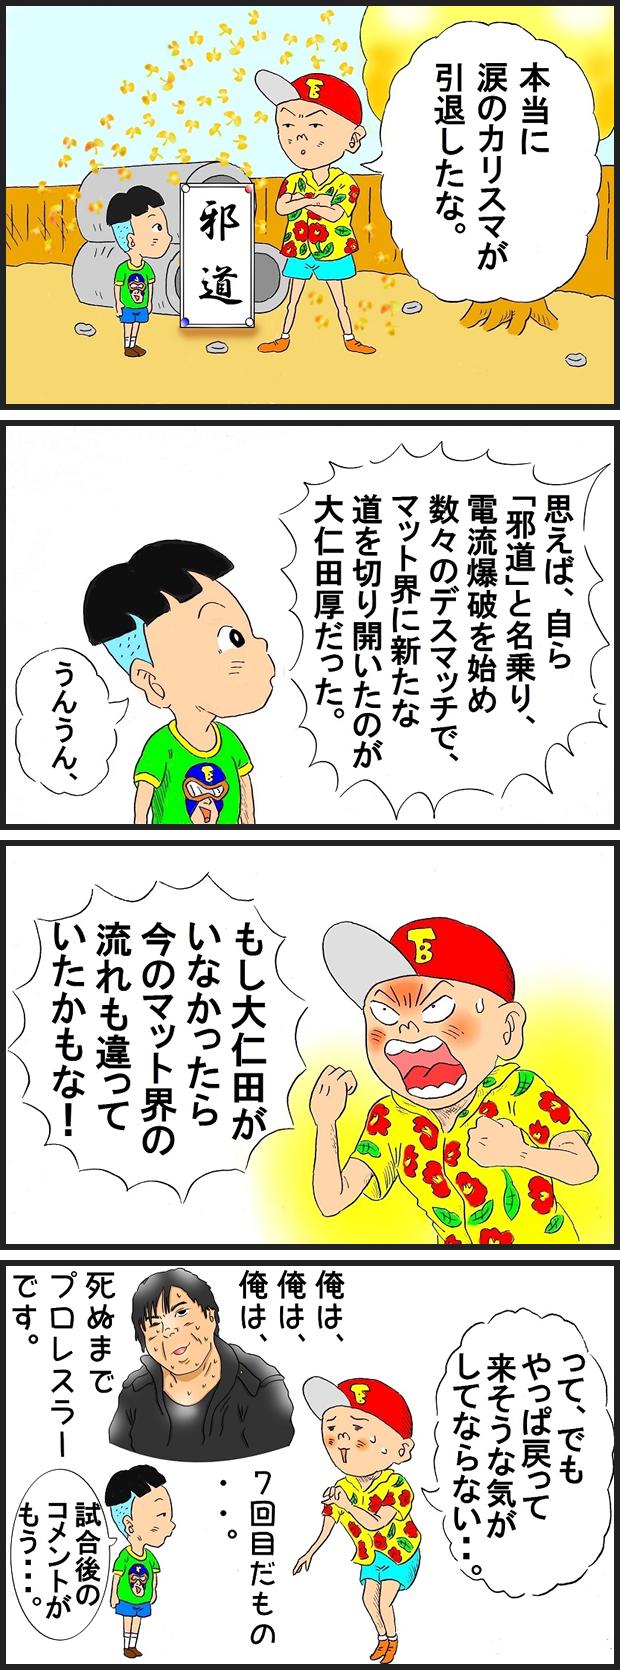 542 大仁田厚引退試合